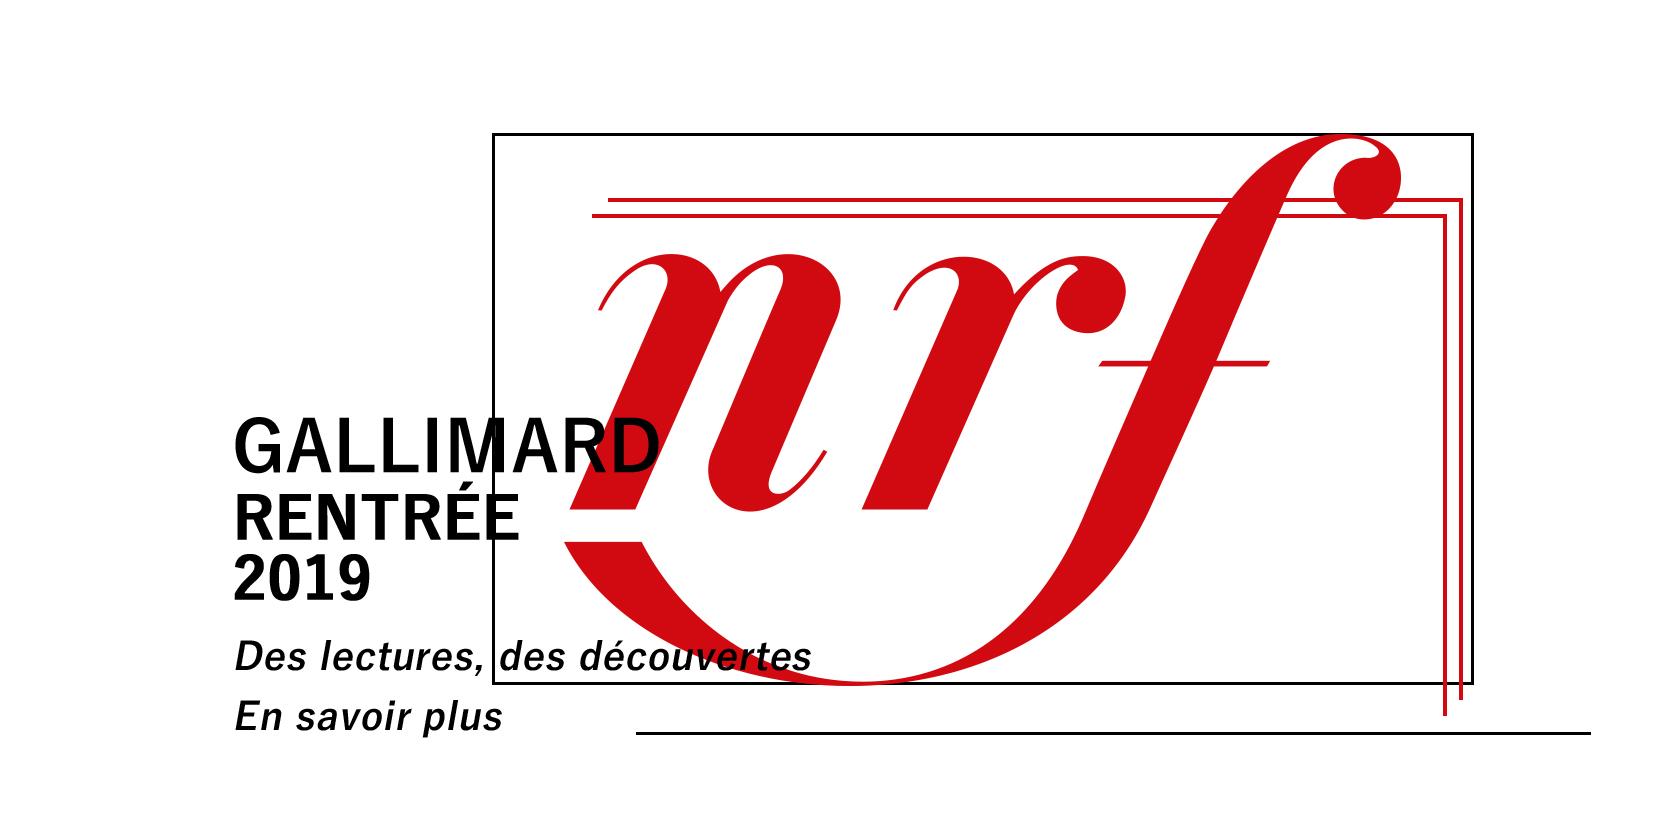 Rentrée Gallimard 2019 à la librairie Gallimard